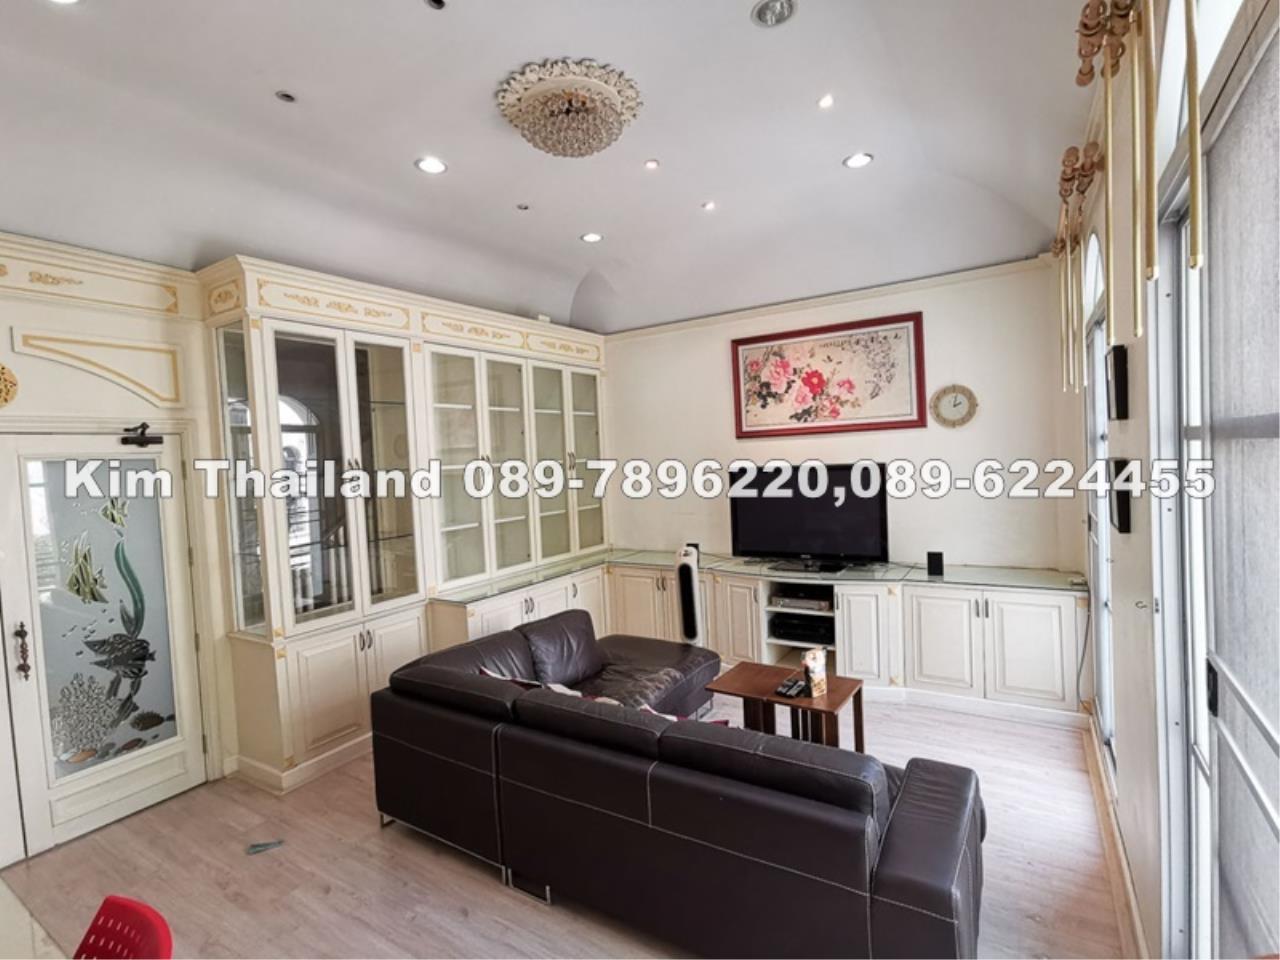 ขายทาวน์เฮ้าส์ 3.5 ชั้น บ้านกลางกรุง แกรนด์ เวียนนา พระราม 3 270 ตรม. ขาย 13.8 ล.